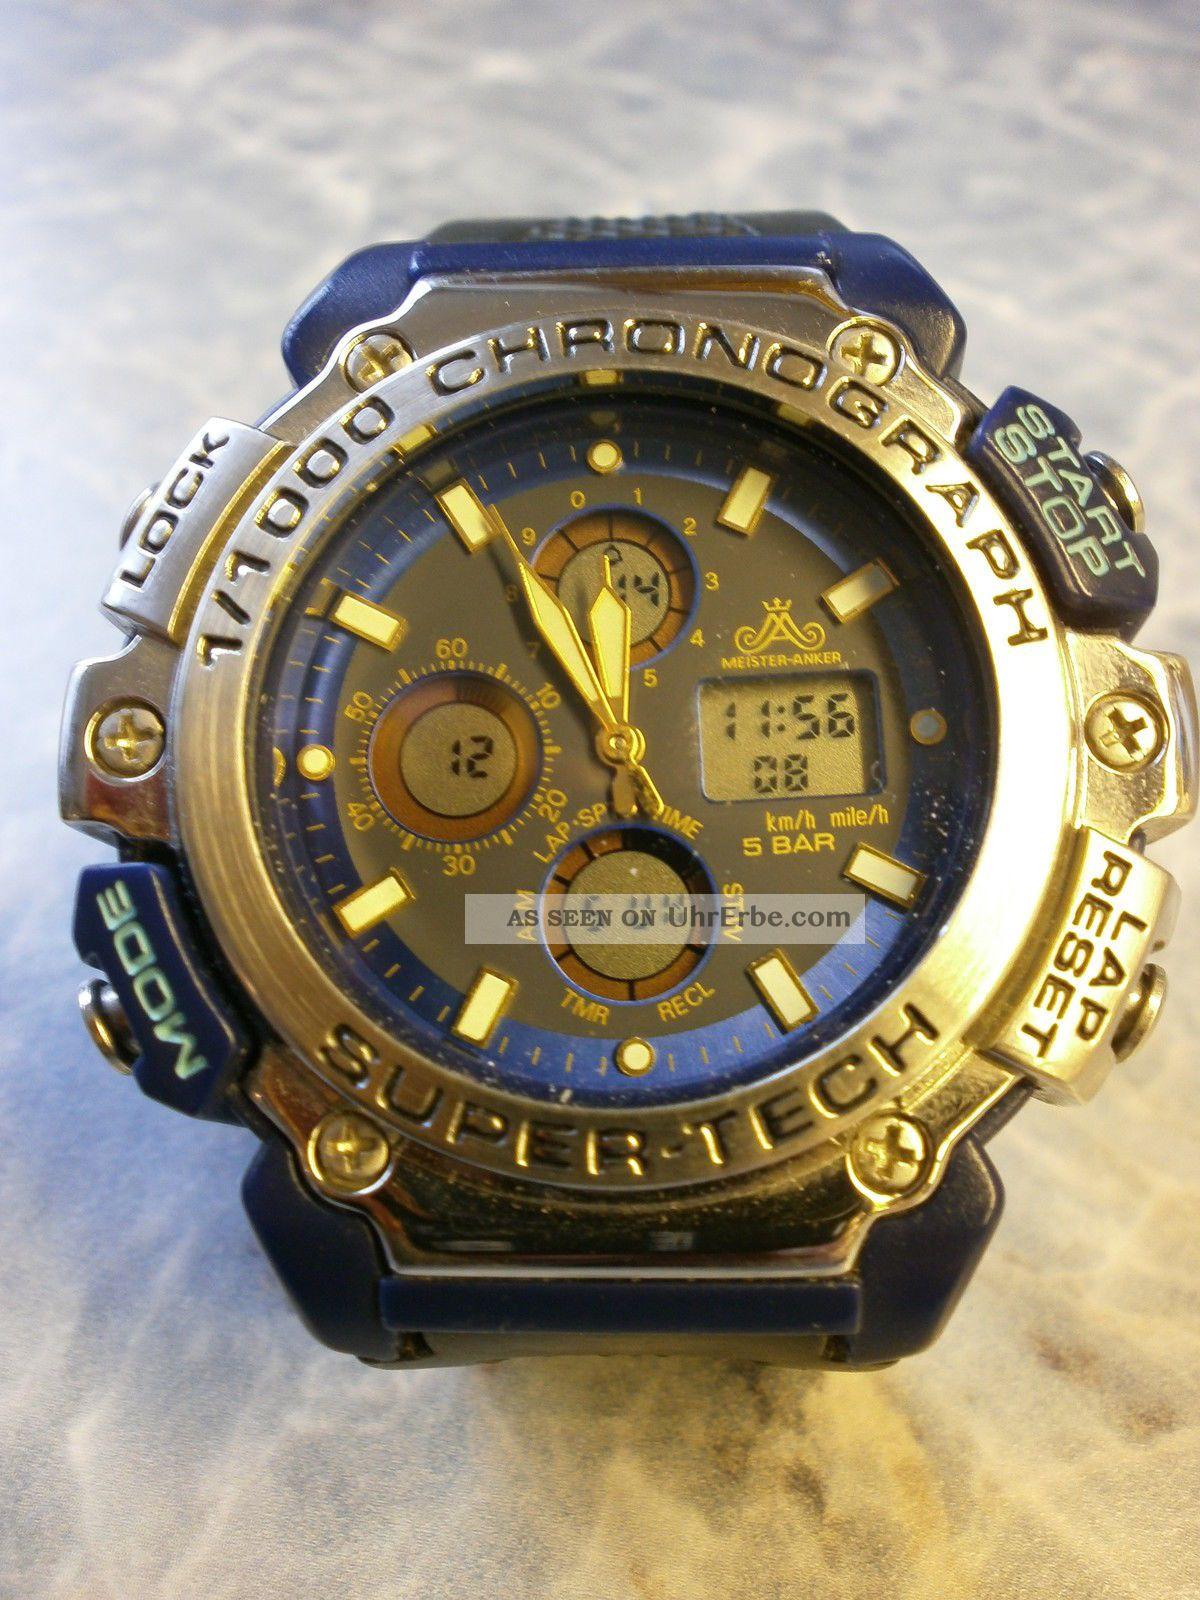 Meister - Anker Armbanduhr Sportuhr Armbanduhren Bild